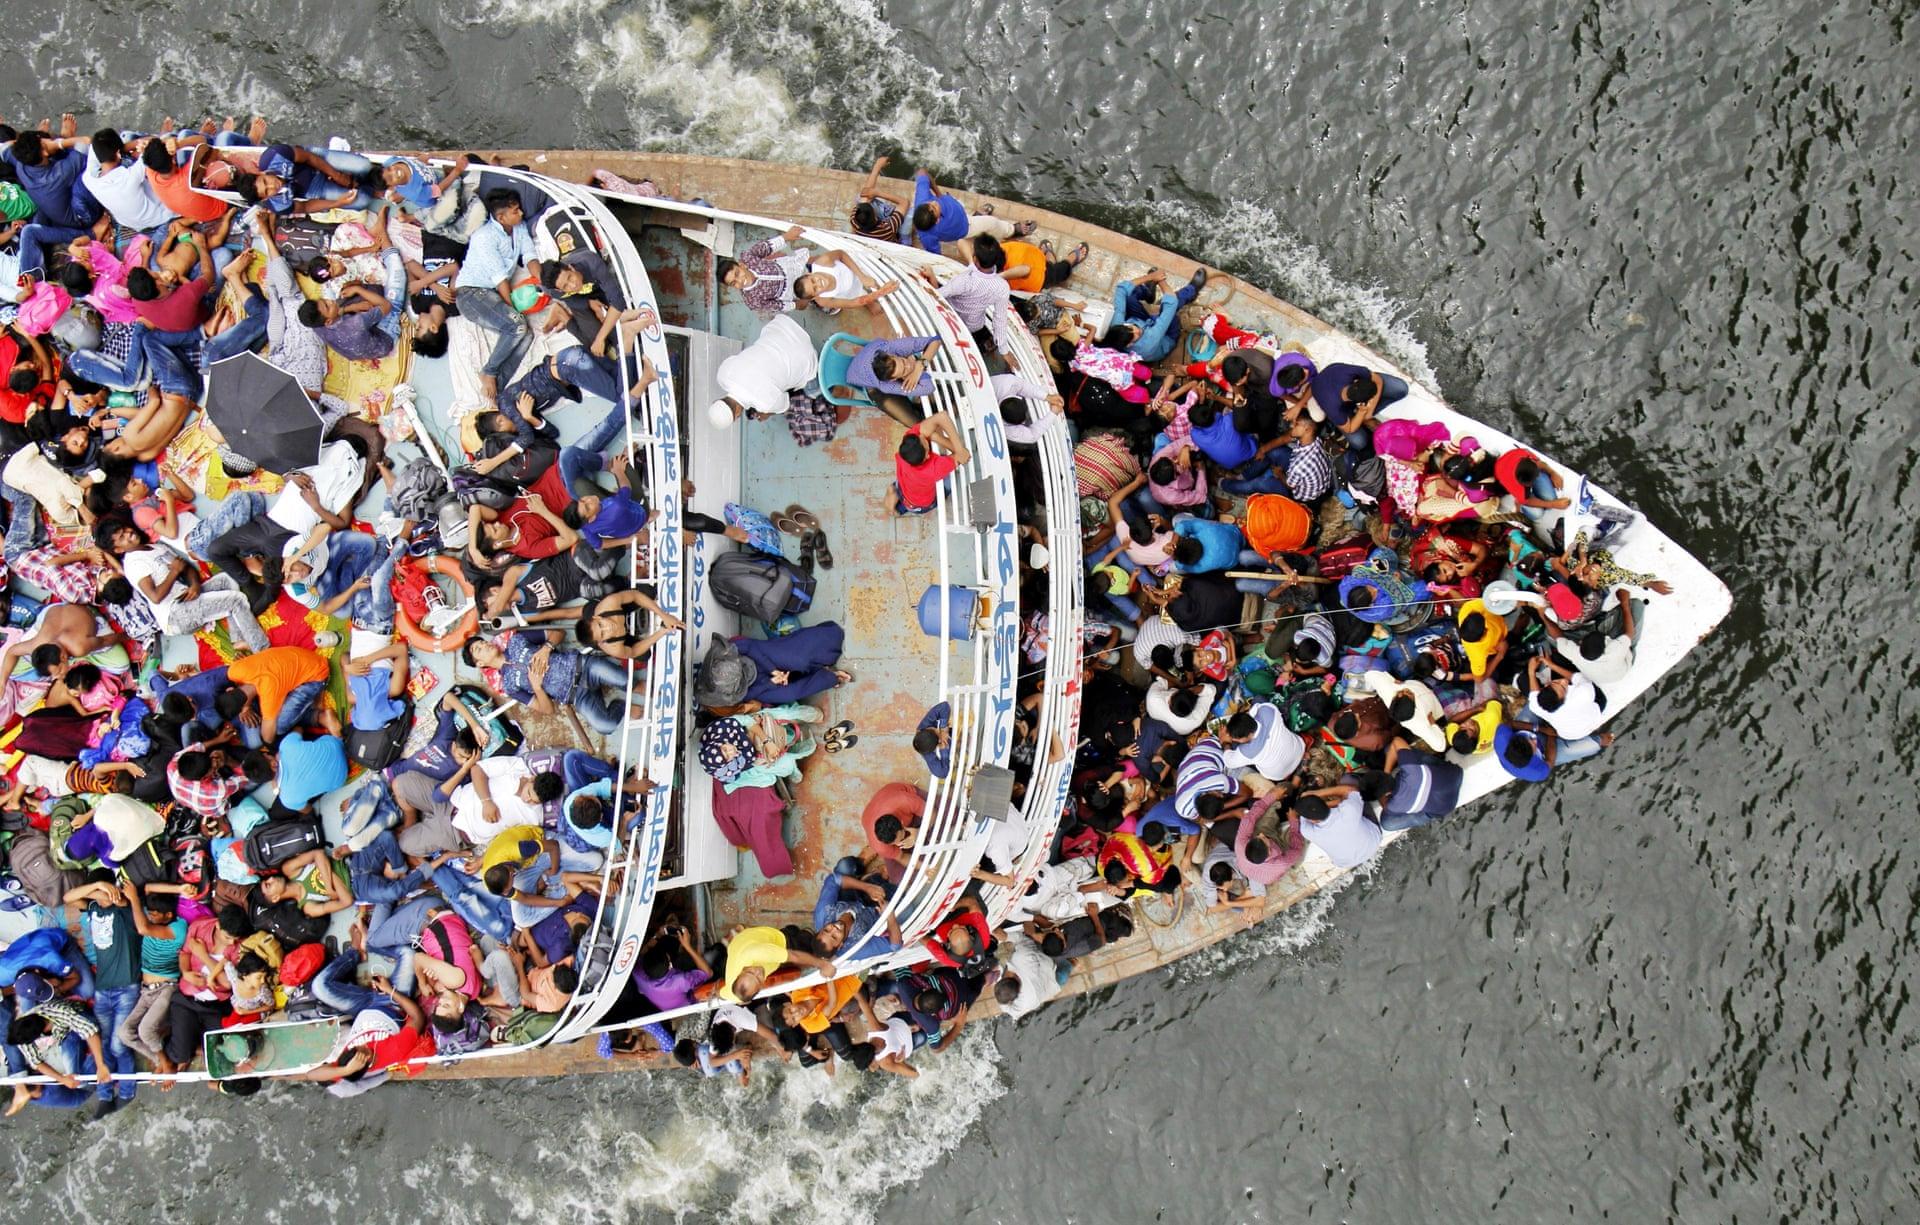 «Εσωτερικοί μετανάστες», στιβαγμένοι σε ένα πλοίο, διασχίζουν τον ποταμό Dhaleshwari στη Ντάκα του Μπαγκλαντές, πηγαίνοντας από την πρωτεύουσα στα σπίτια τους για να γιορτάσουν το μουσουλμανικό Εΐντ μαζί με τις οικογένειες τους